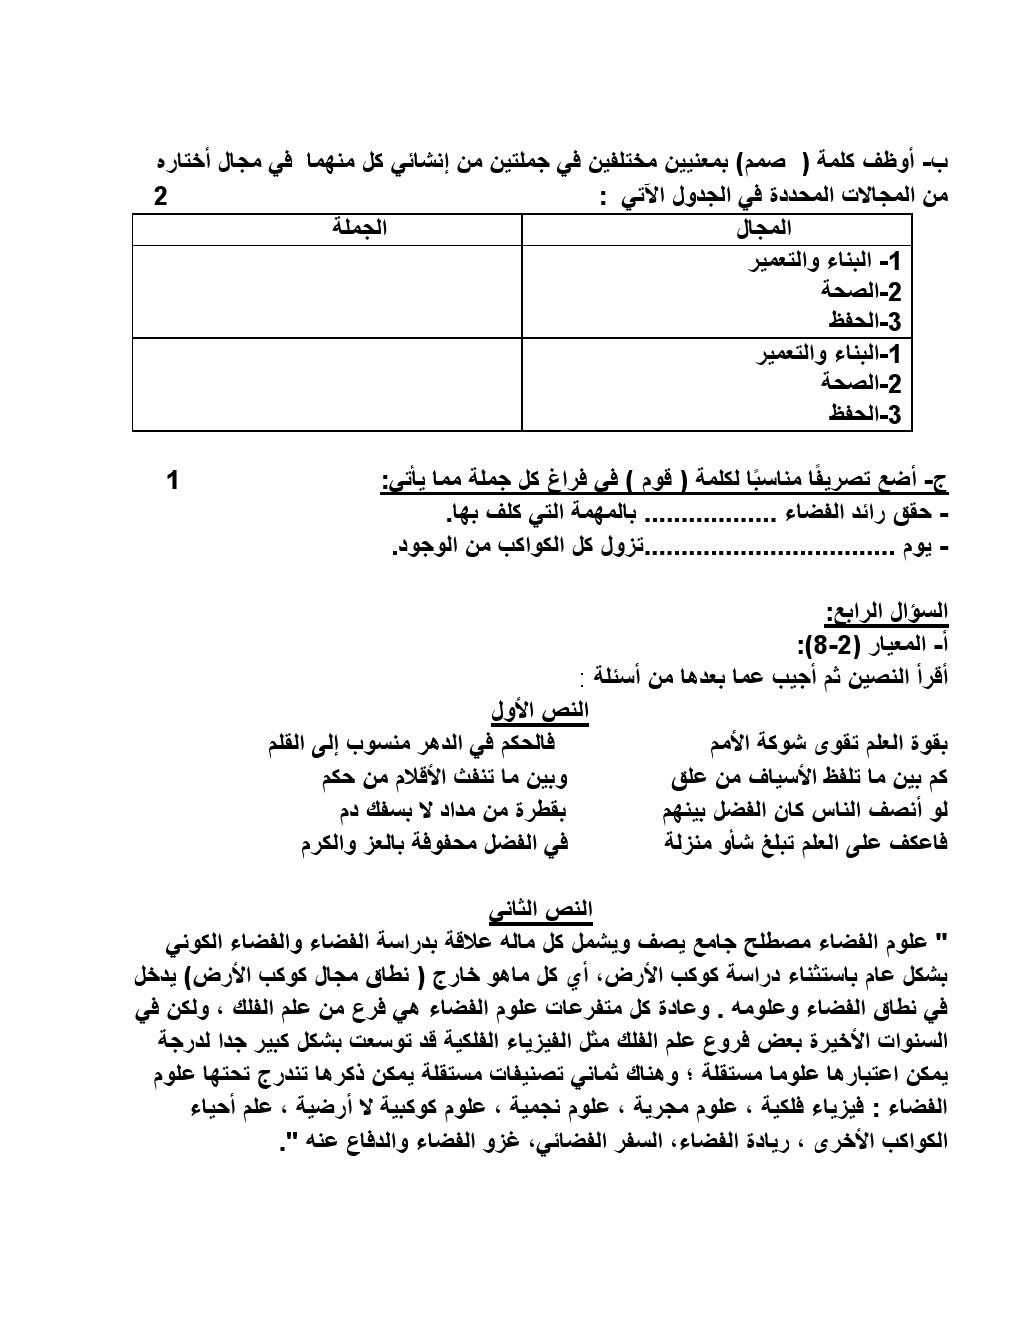 كتاب اللغة العربية للصف السابع الفصل الثاني pdf